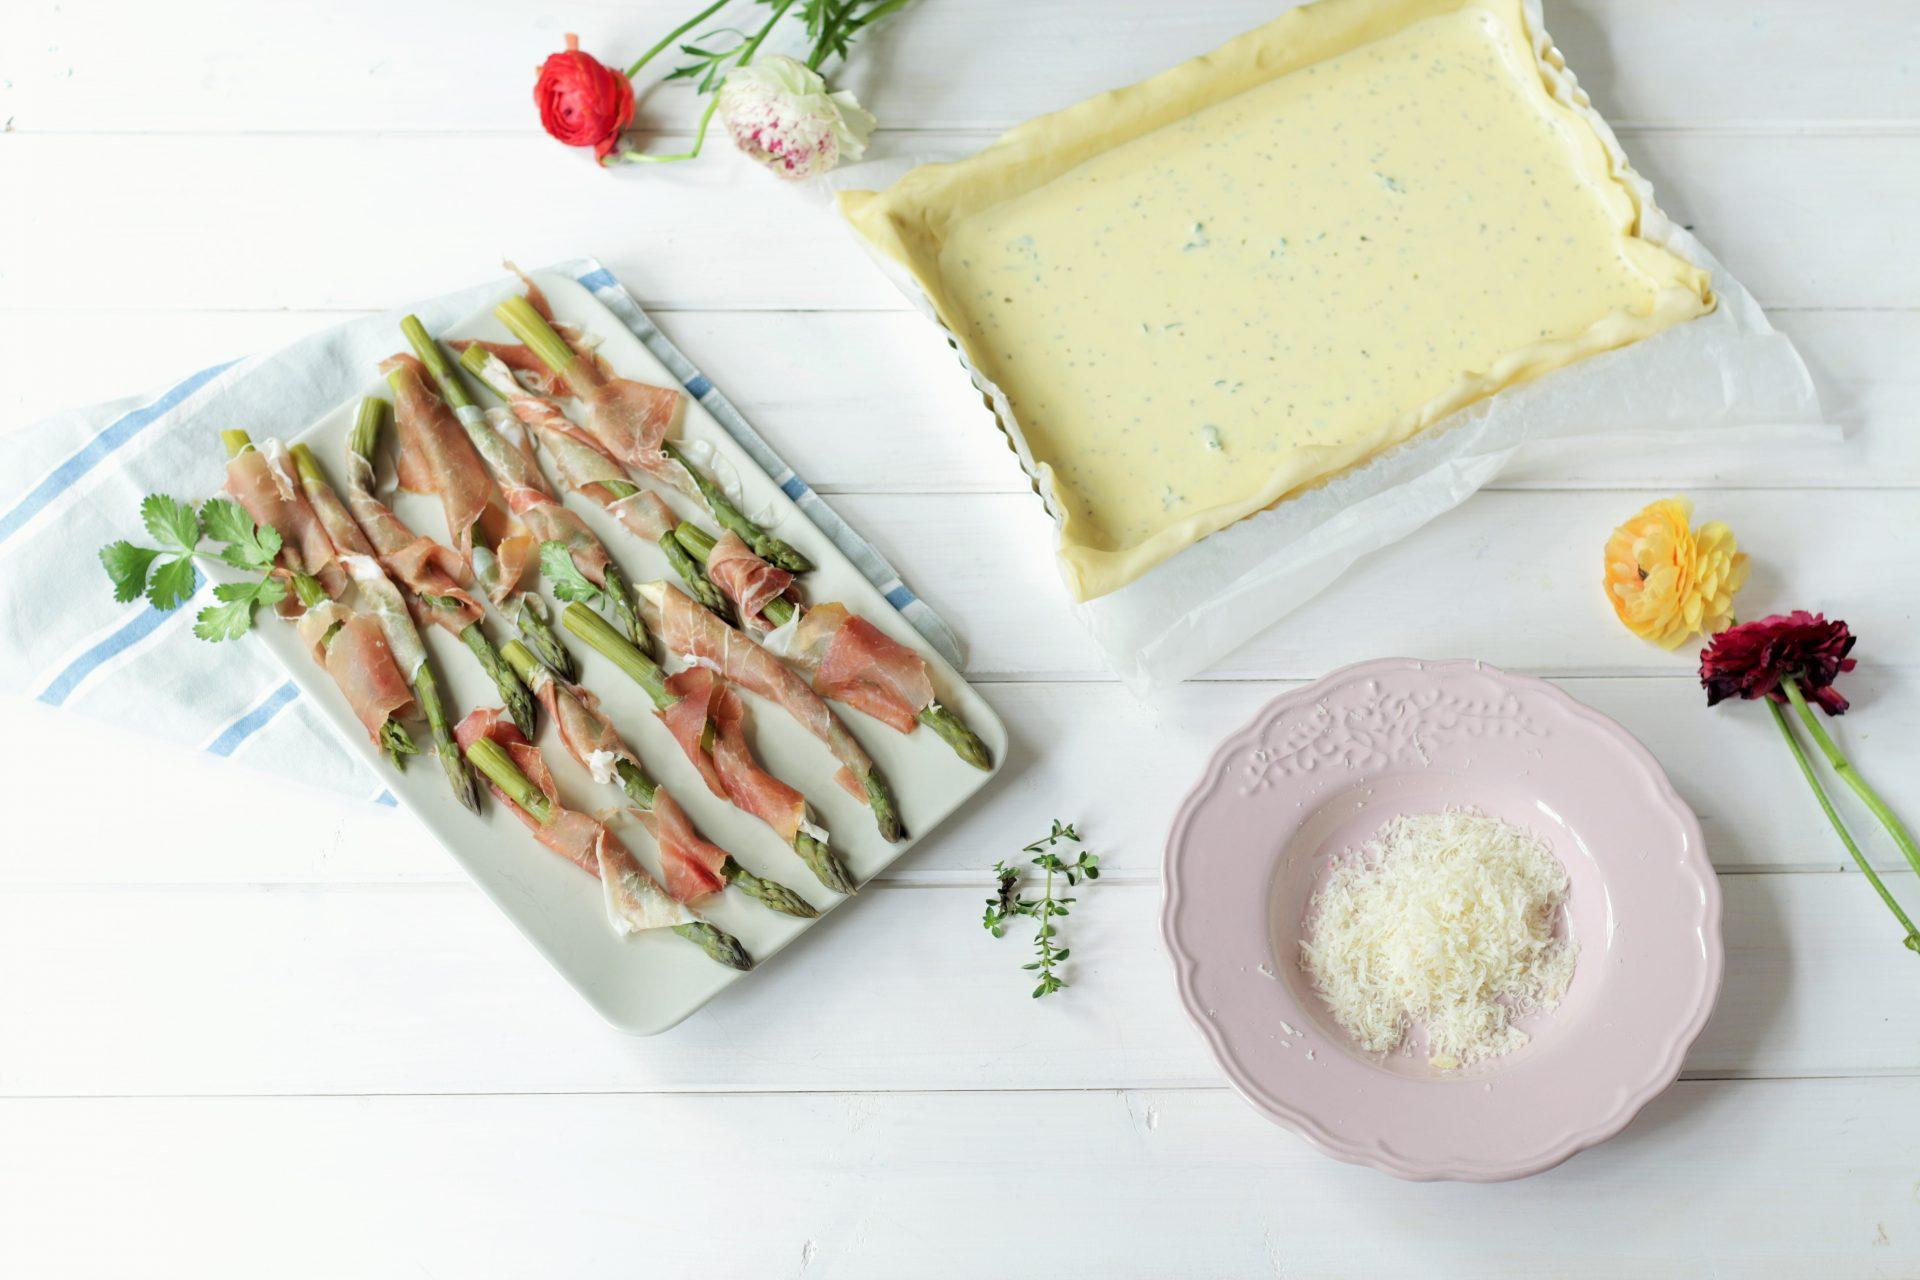 preparazione torta salata